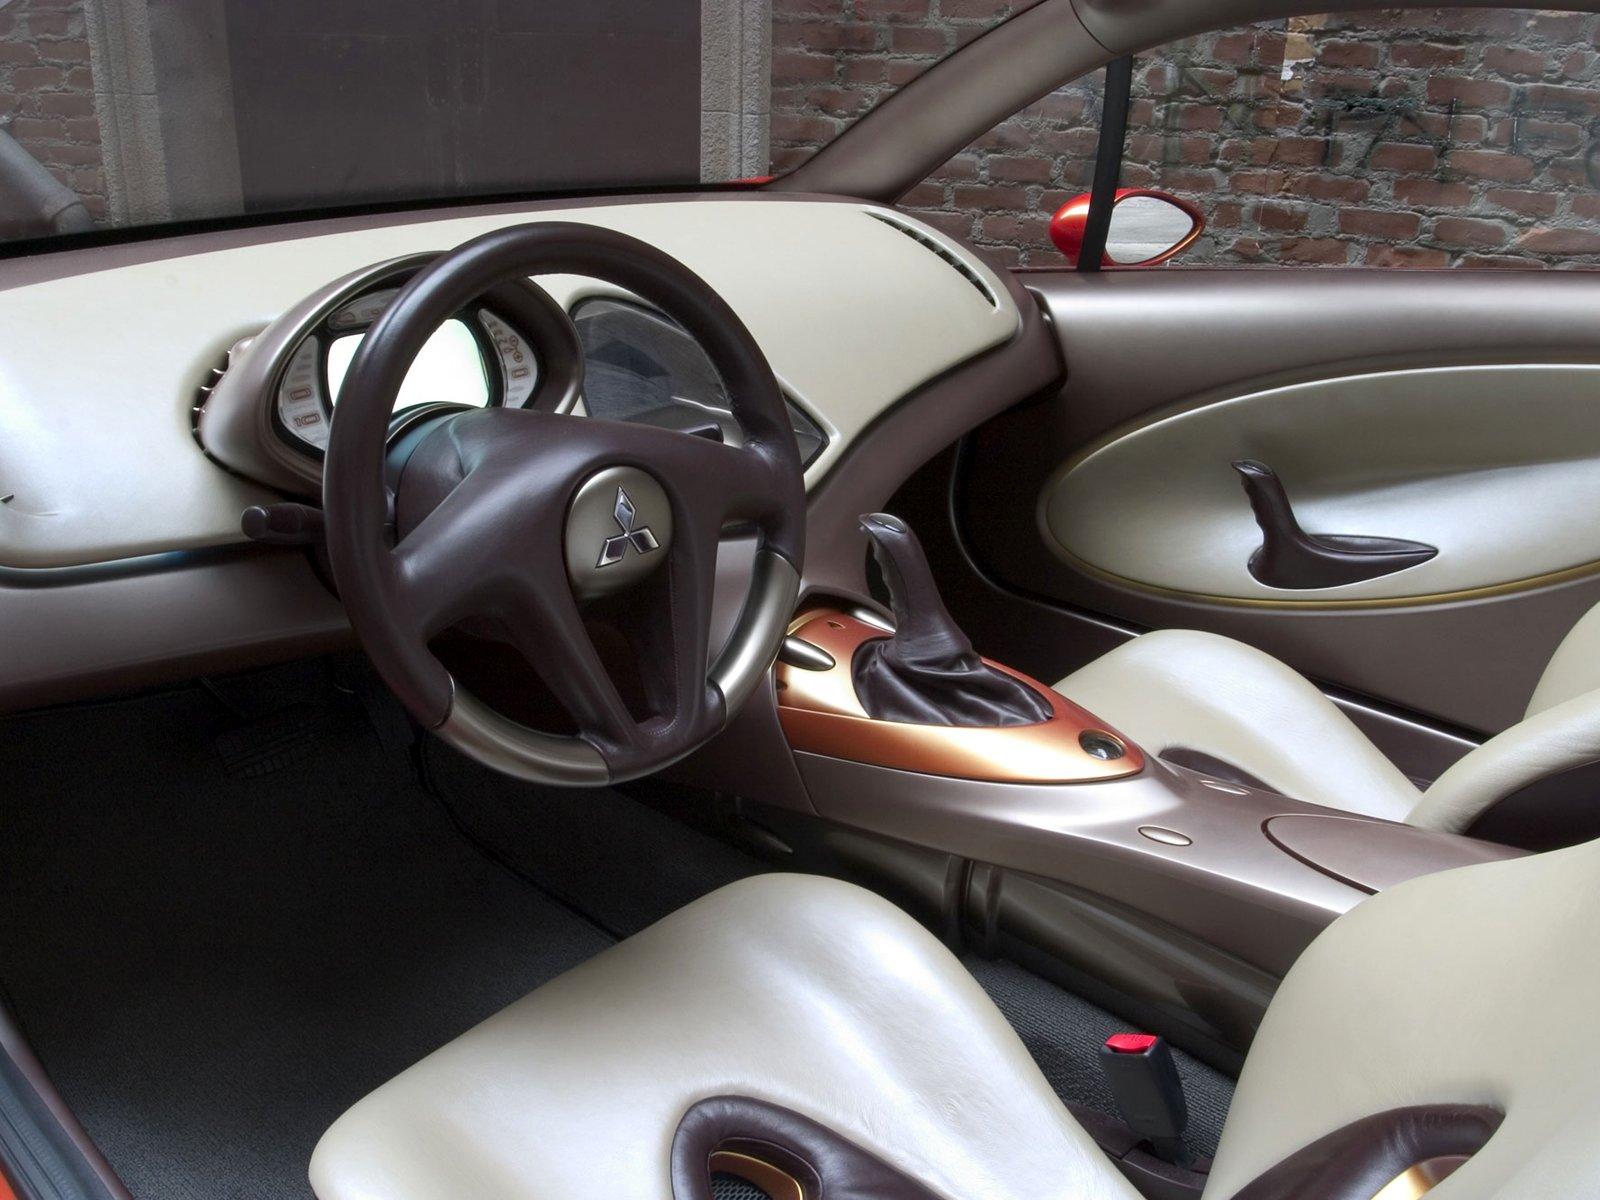 Mitsubishi Eclipse Concept 2015 Mitsubishi Eclipse Concept e